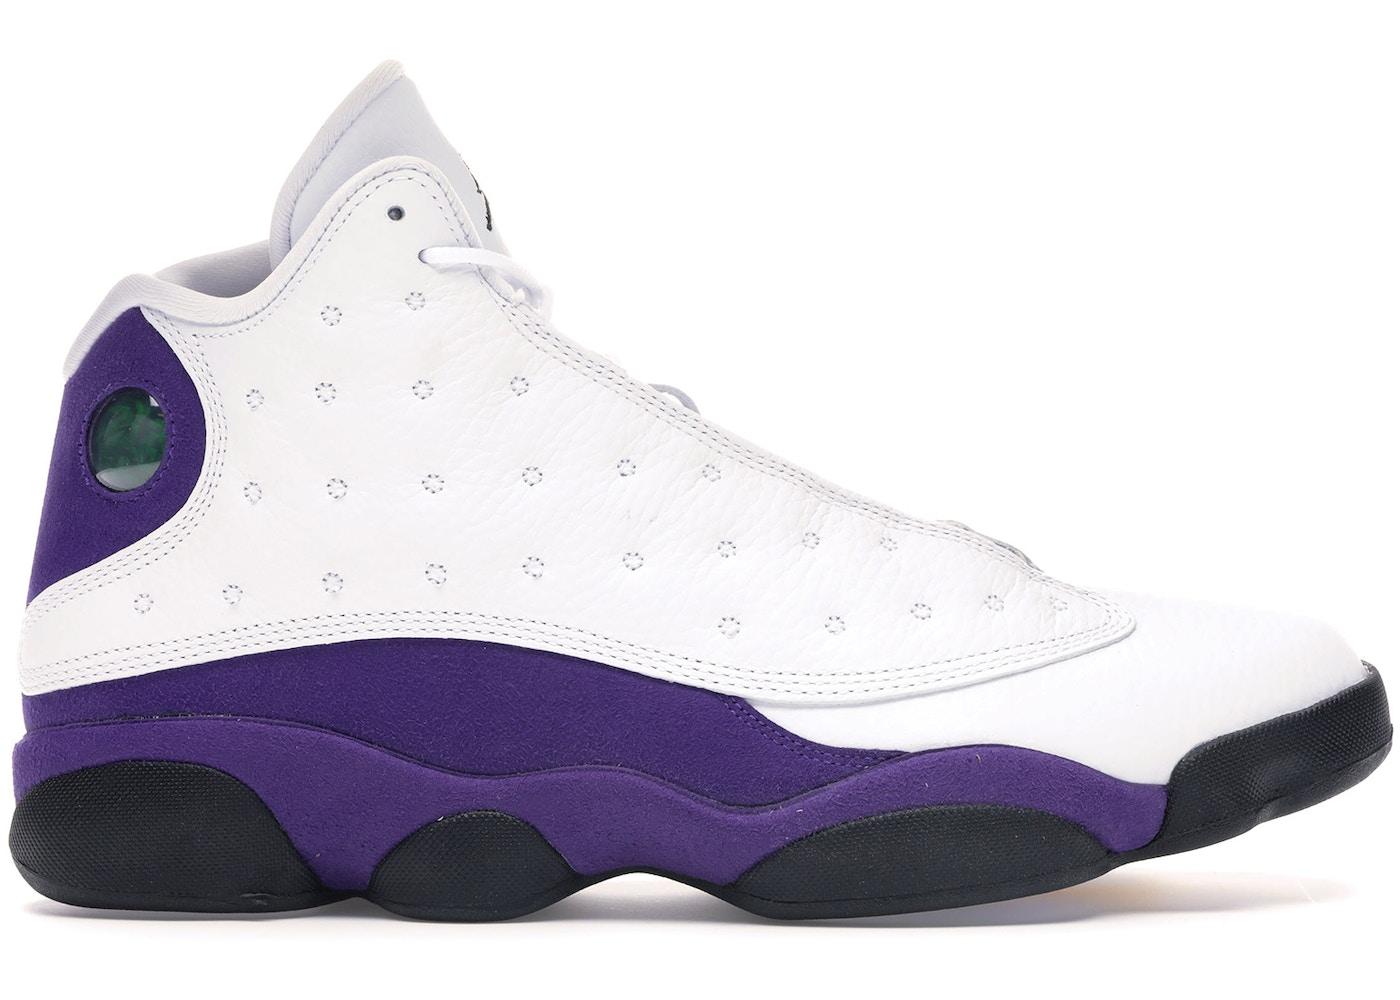 buy popular 2f149 797e1 Buy Air Jordan Shoes & Deadstock Sneakers